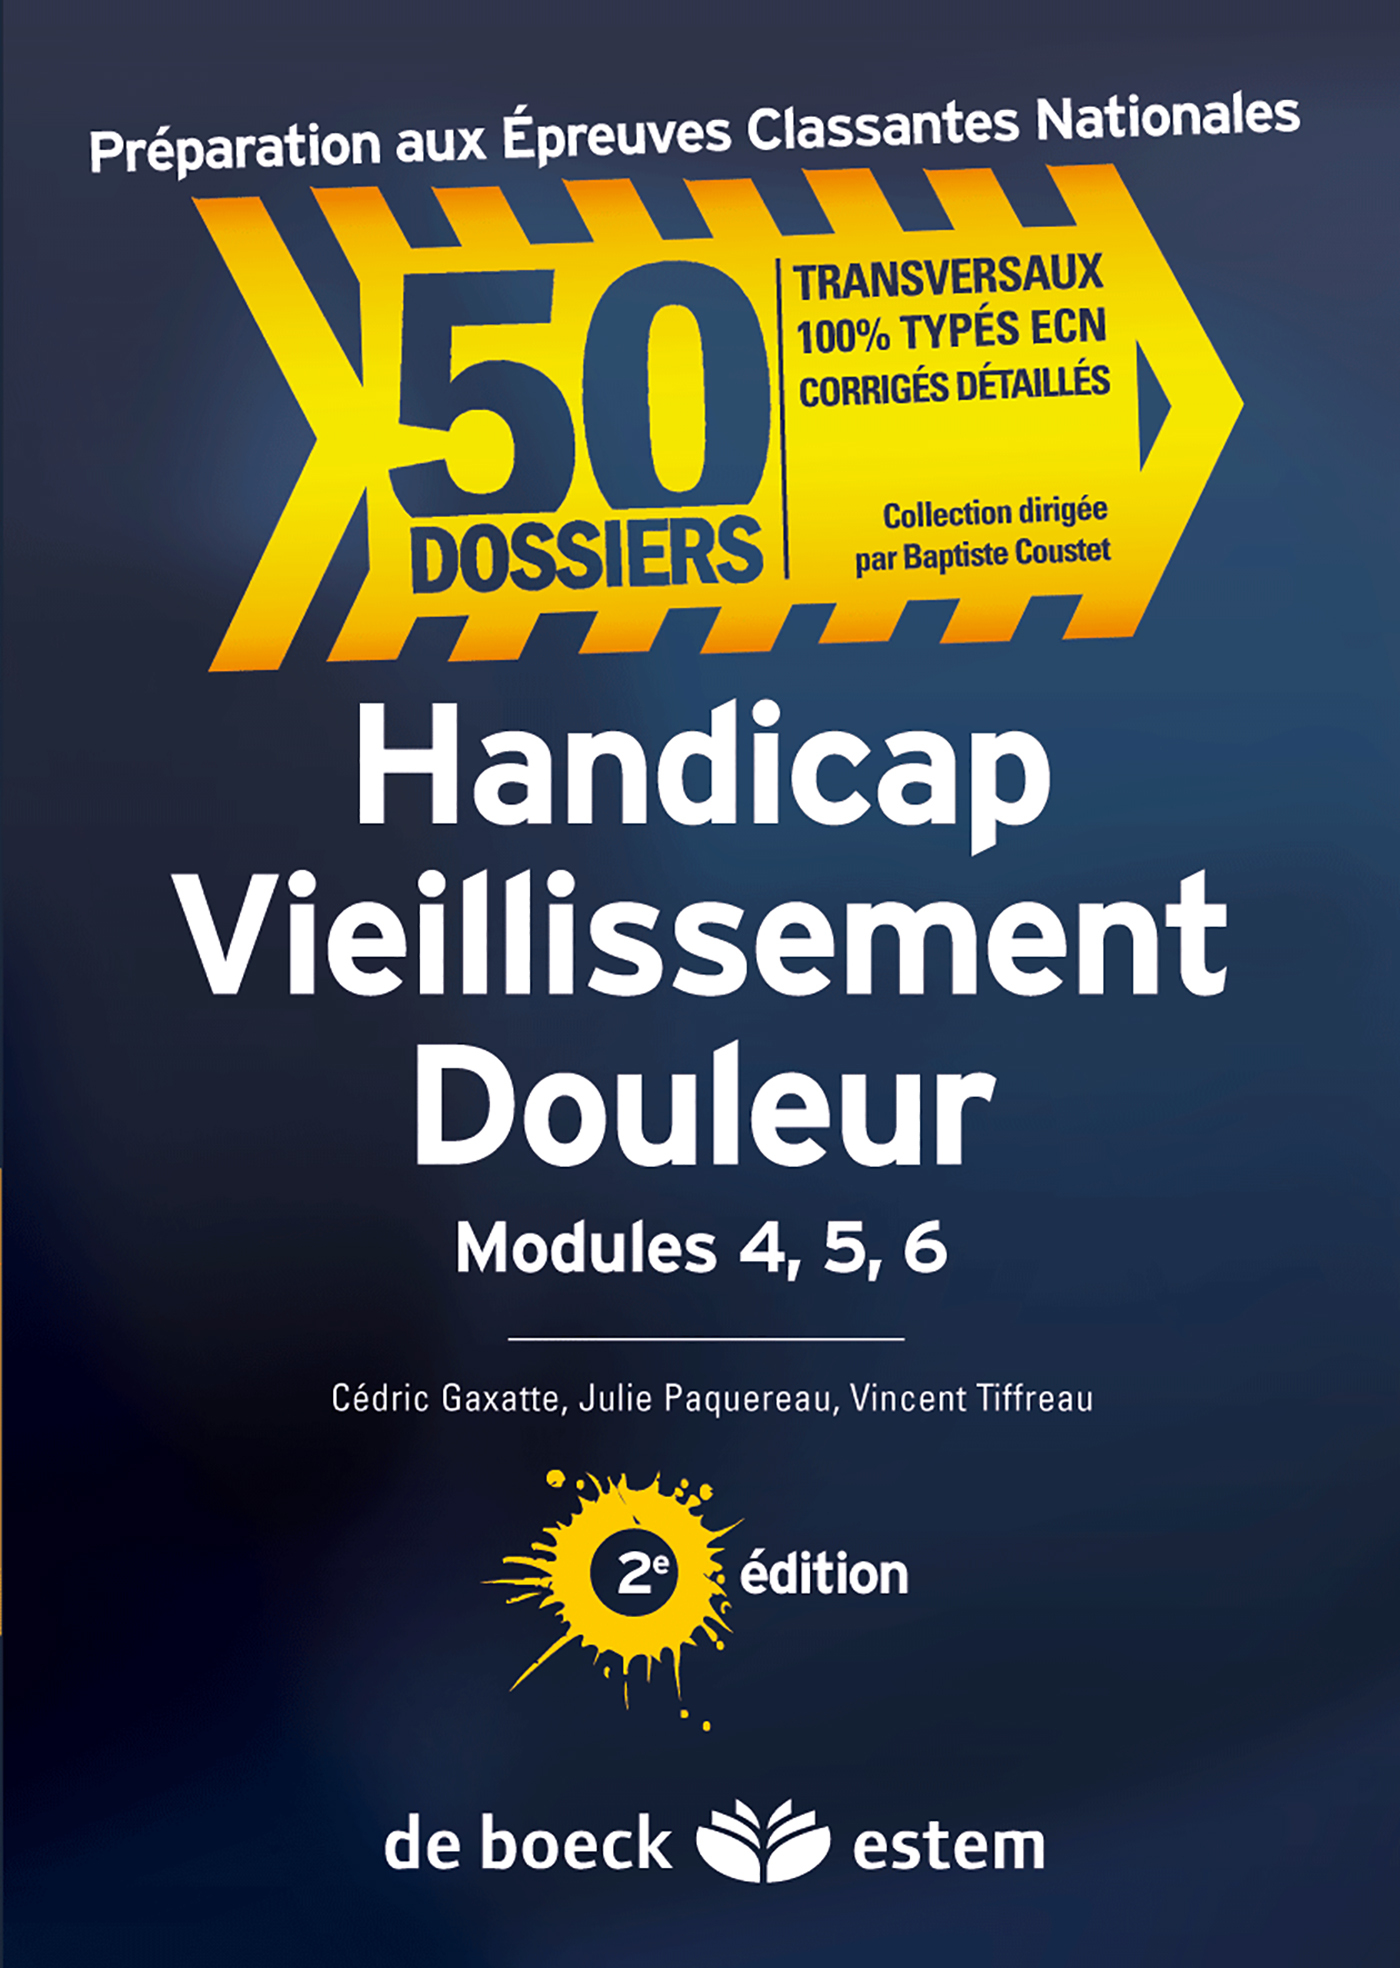 HANDICAP VIEILLISSEMENT DOULEUR 2ED